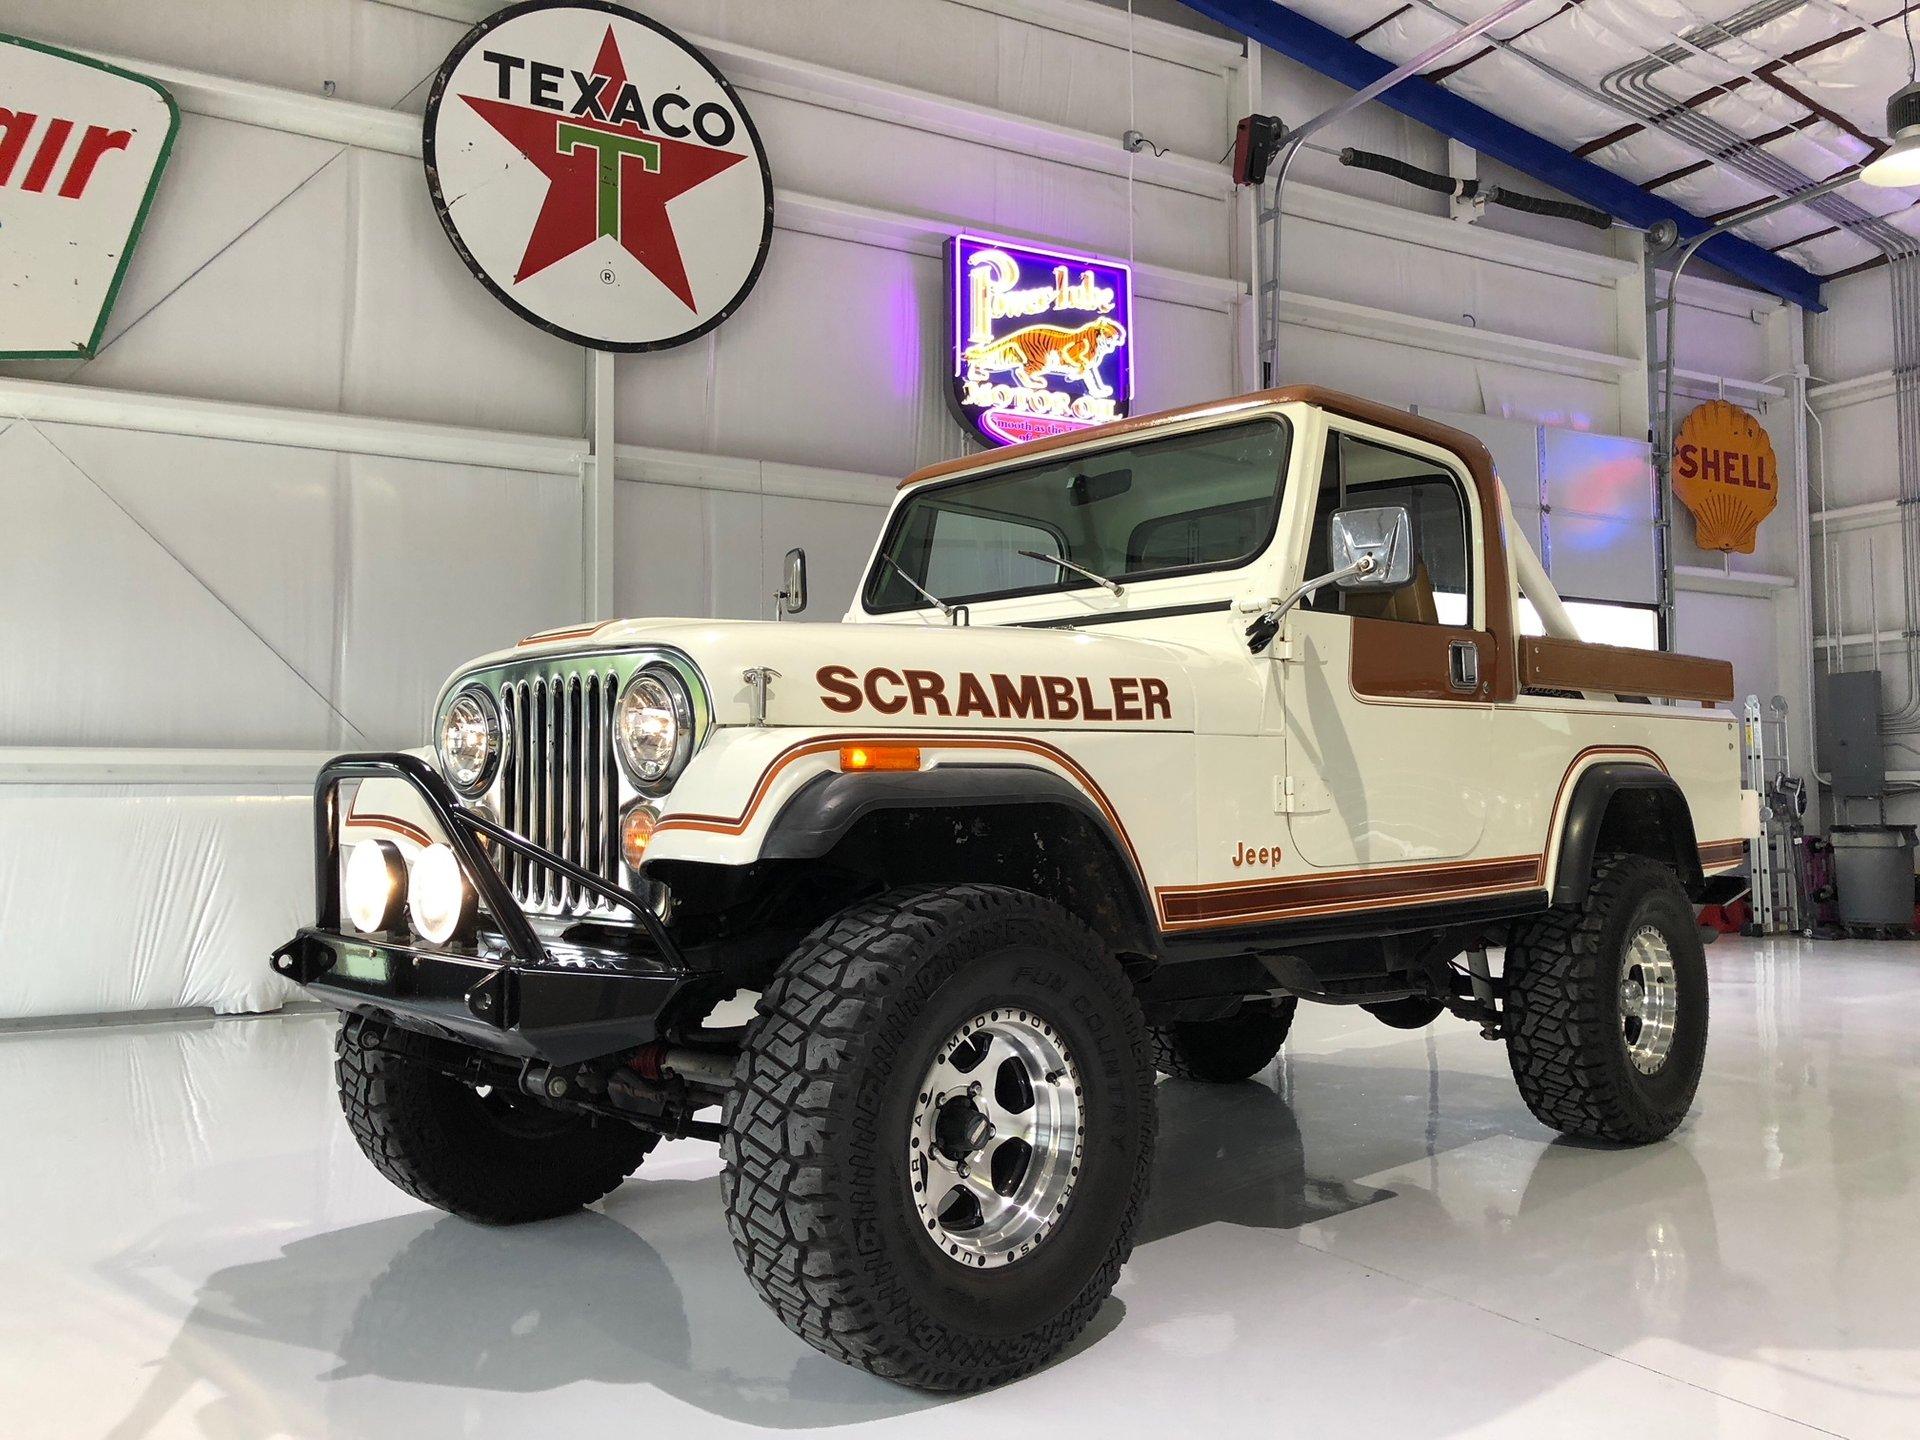 1981 jeep scrambler 4wd sport utiilty